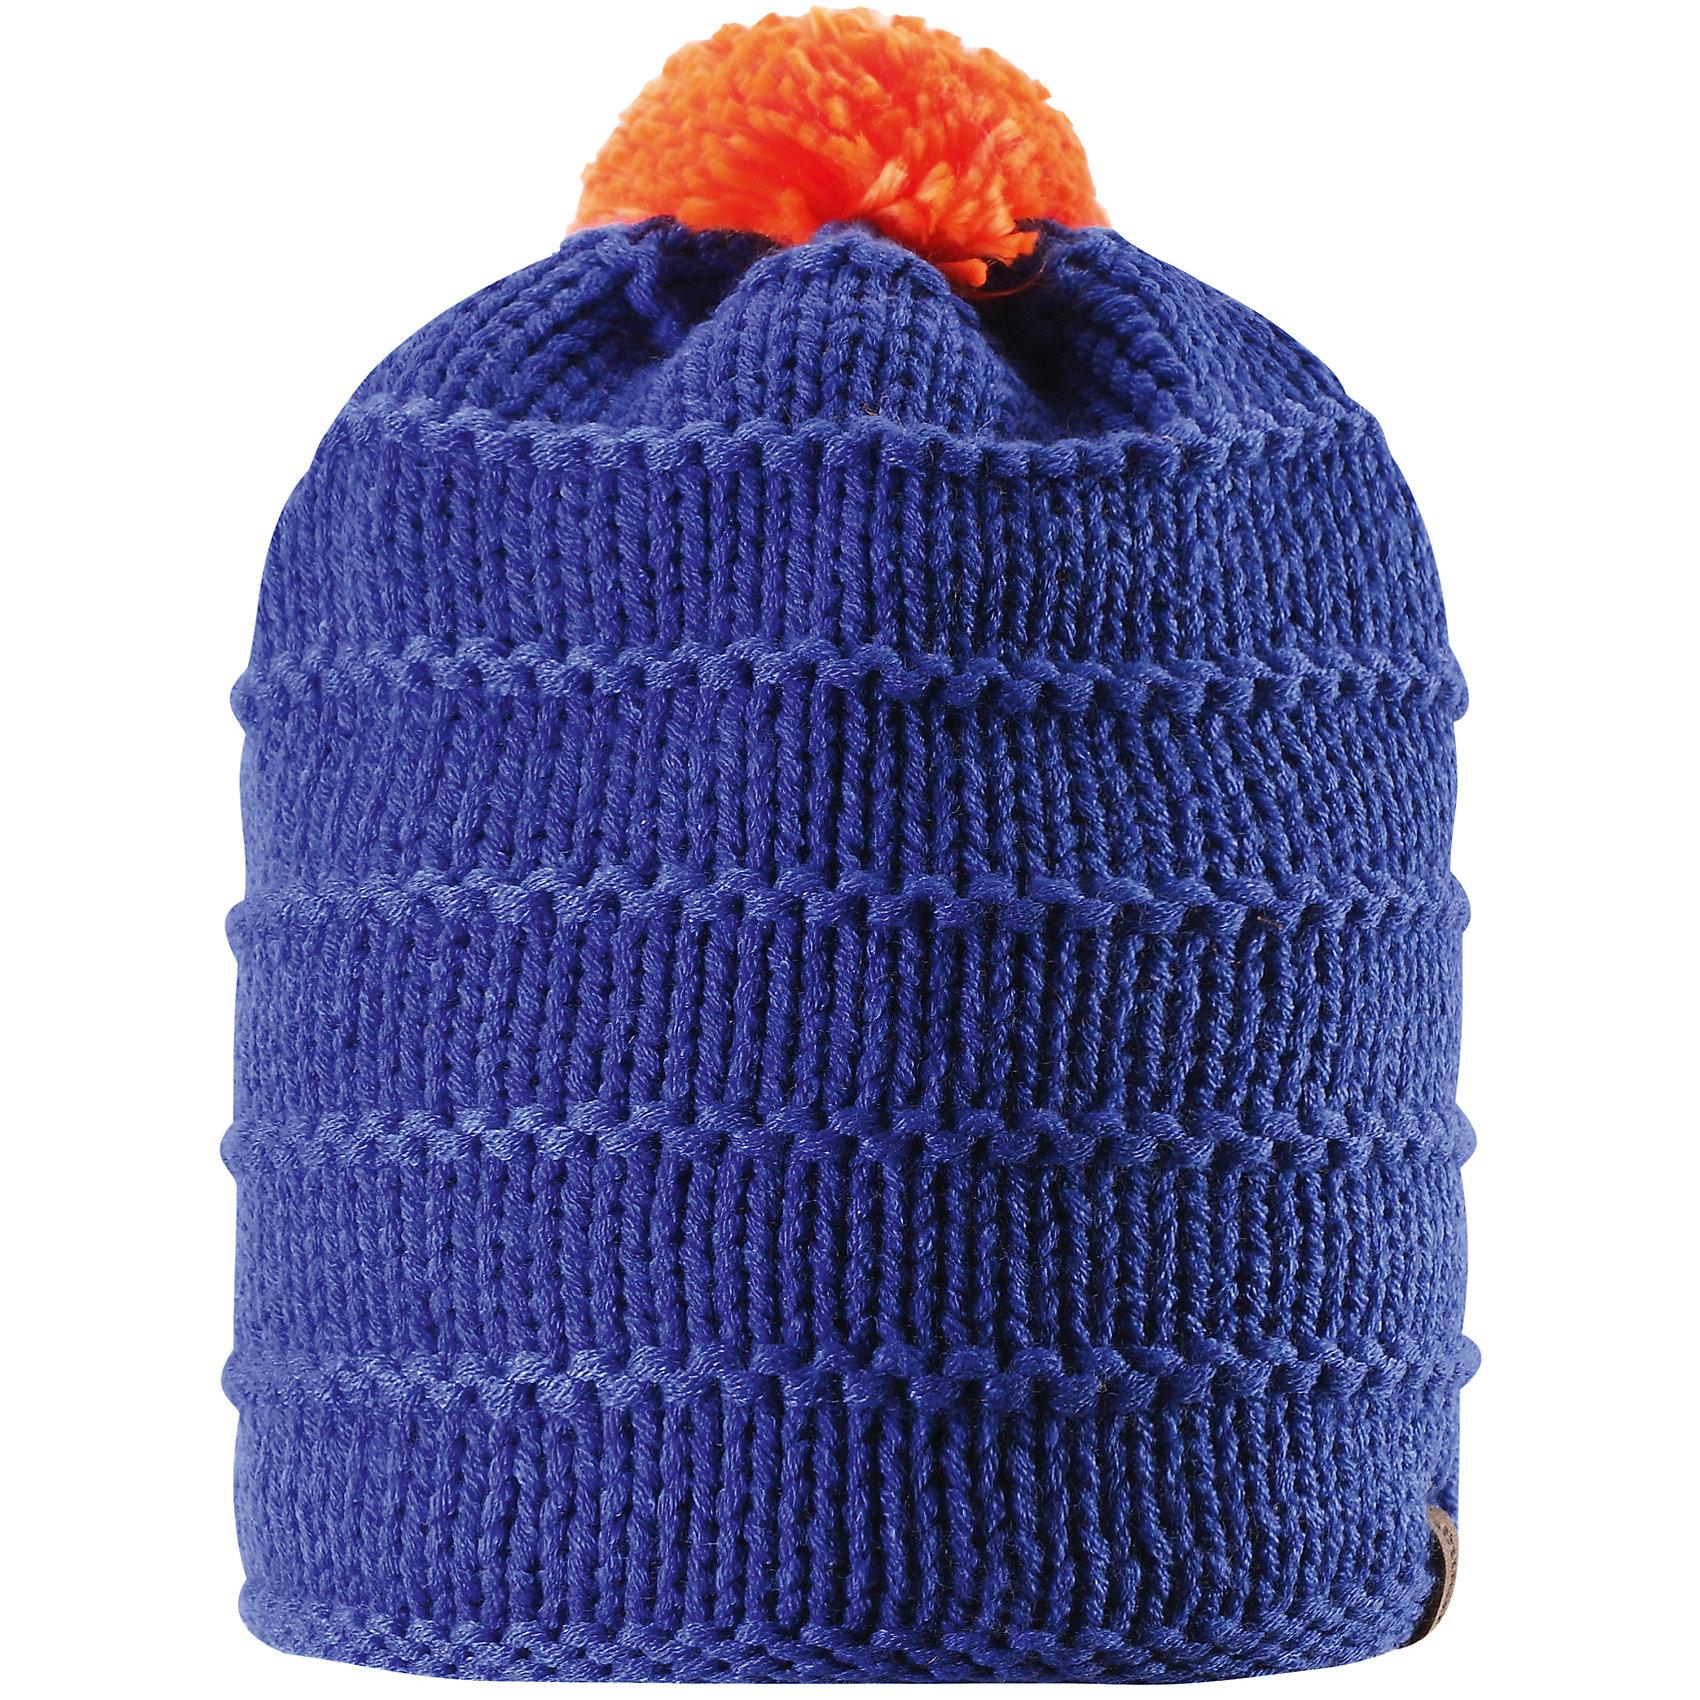 Шапка для мальчика ReimaШапки и шарфы<br>Эта зимняя детская шапка из тёплой, толстой, высококачественной акриловой пряжи станет модным выбором для зимних прогулок. В этой шапке с подкладкой из мягкого, тёплого флиса ребёнок не замёрзнет в холодные зимние месяцы. Простой в уходе акрил отлично контролирует температуру. Ветронепроницаемые вставки в области ушей защищают маленькие ушки от холодного ветра, поэтому маленьким искателям приключений будет тепло и комфортно. Уютная модель весёлой расцветки легко сочетается с разной одеждой, а помпон контрастного цвета делает образ неповторимым.<br><br>Дополнительная информация:<br><br>Зимняя шапка для детей и подростков<br>Тёплая, толстая, высококачественная пряжа<br>Мягкая, тёплая подкладки из флиса<br>Ветронепроницаемые вставки в области ушей<br>Состав: 100% акрил<br><br>Шапку для мальчика от популярного финского бренда Reima можно купить в нашем магазине.<br><br>Ширина мм: 89<br>Глубина мм: 117<br>Высота мм: 44<br>Вес г: 155<br>Цвет: синий<br>Возраст от месяцев: 72<br>Возраст до месяцев: 84<br>Пол: Мужской<br>Возраст: Детский<br>Размер: 54,56,58,52<br>SKU: 4417222